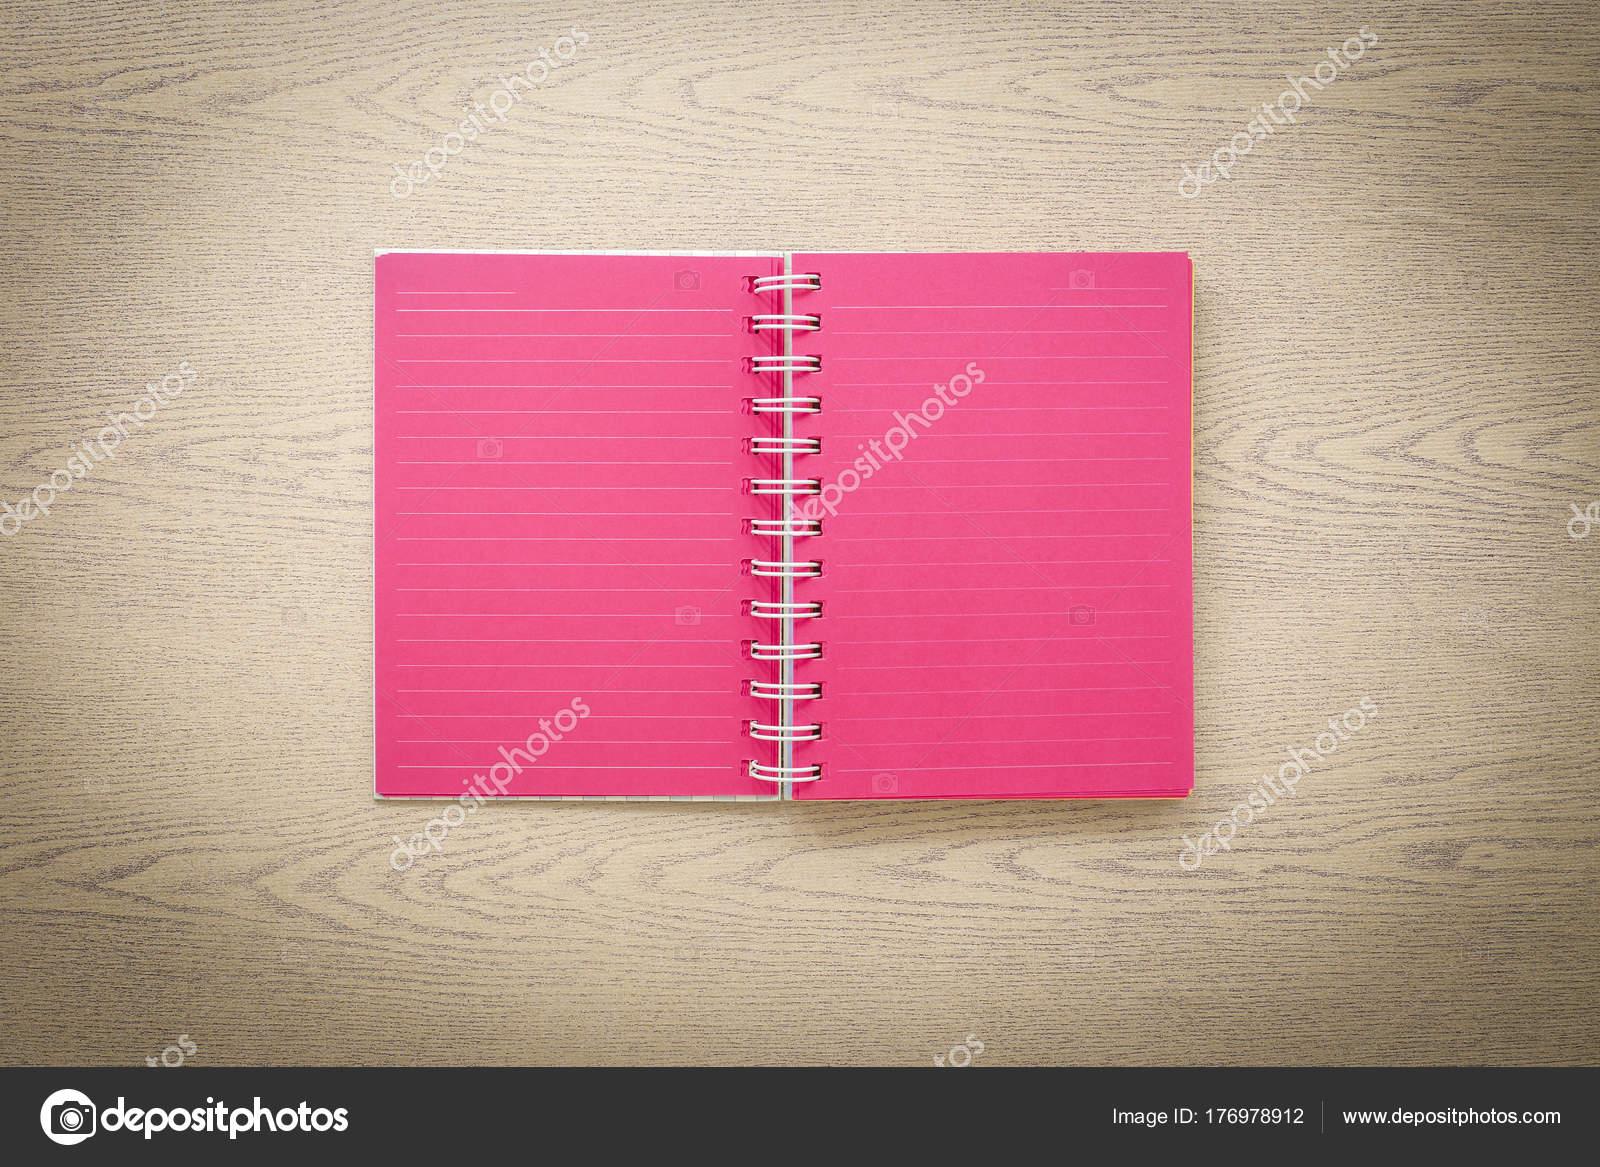 4612716909f Draufsicht Fokus auf offenes Buch rote leere Seiten auf Holz Textur. Ziele  setzen und Inspiration Ideen. Vintage und Retro-Foto, minimalistischen Stil  ...